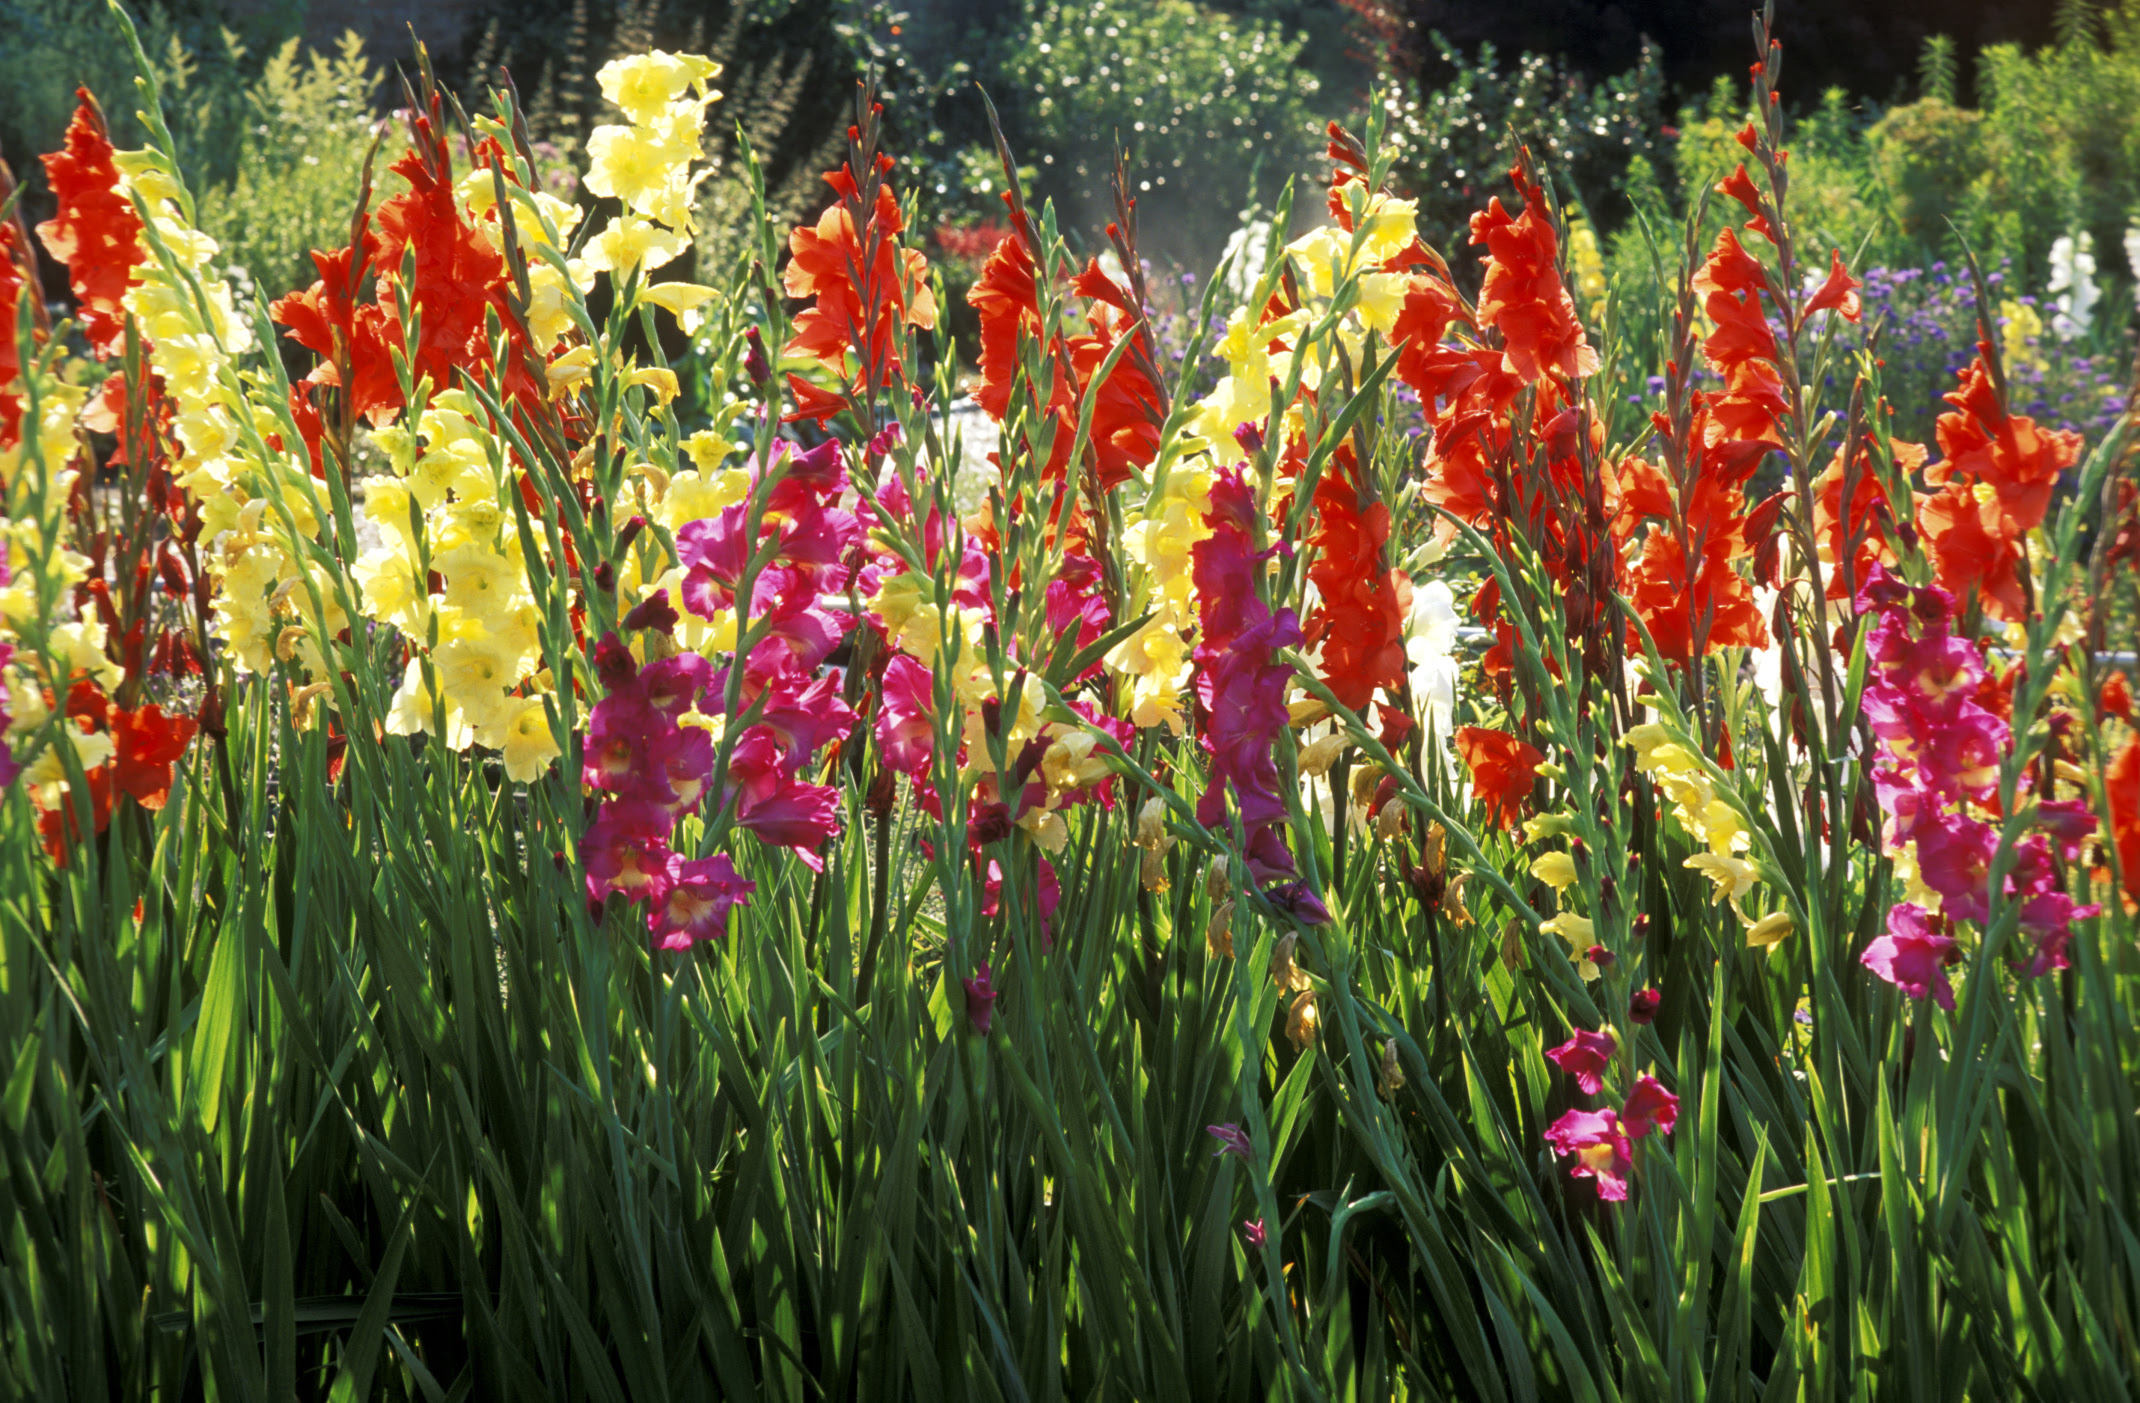 Bildergebnis für beautiful flowers in August